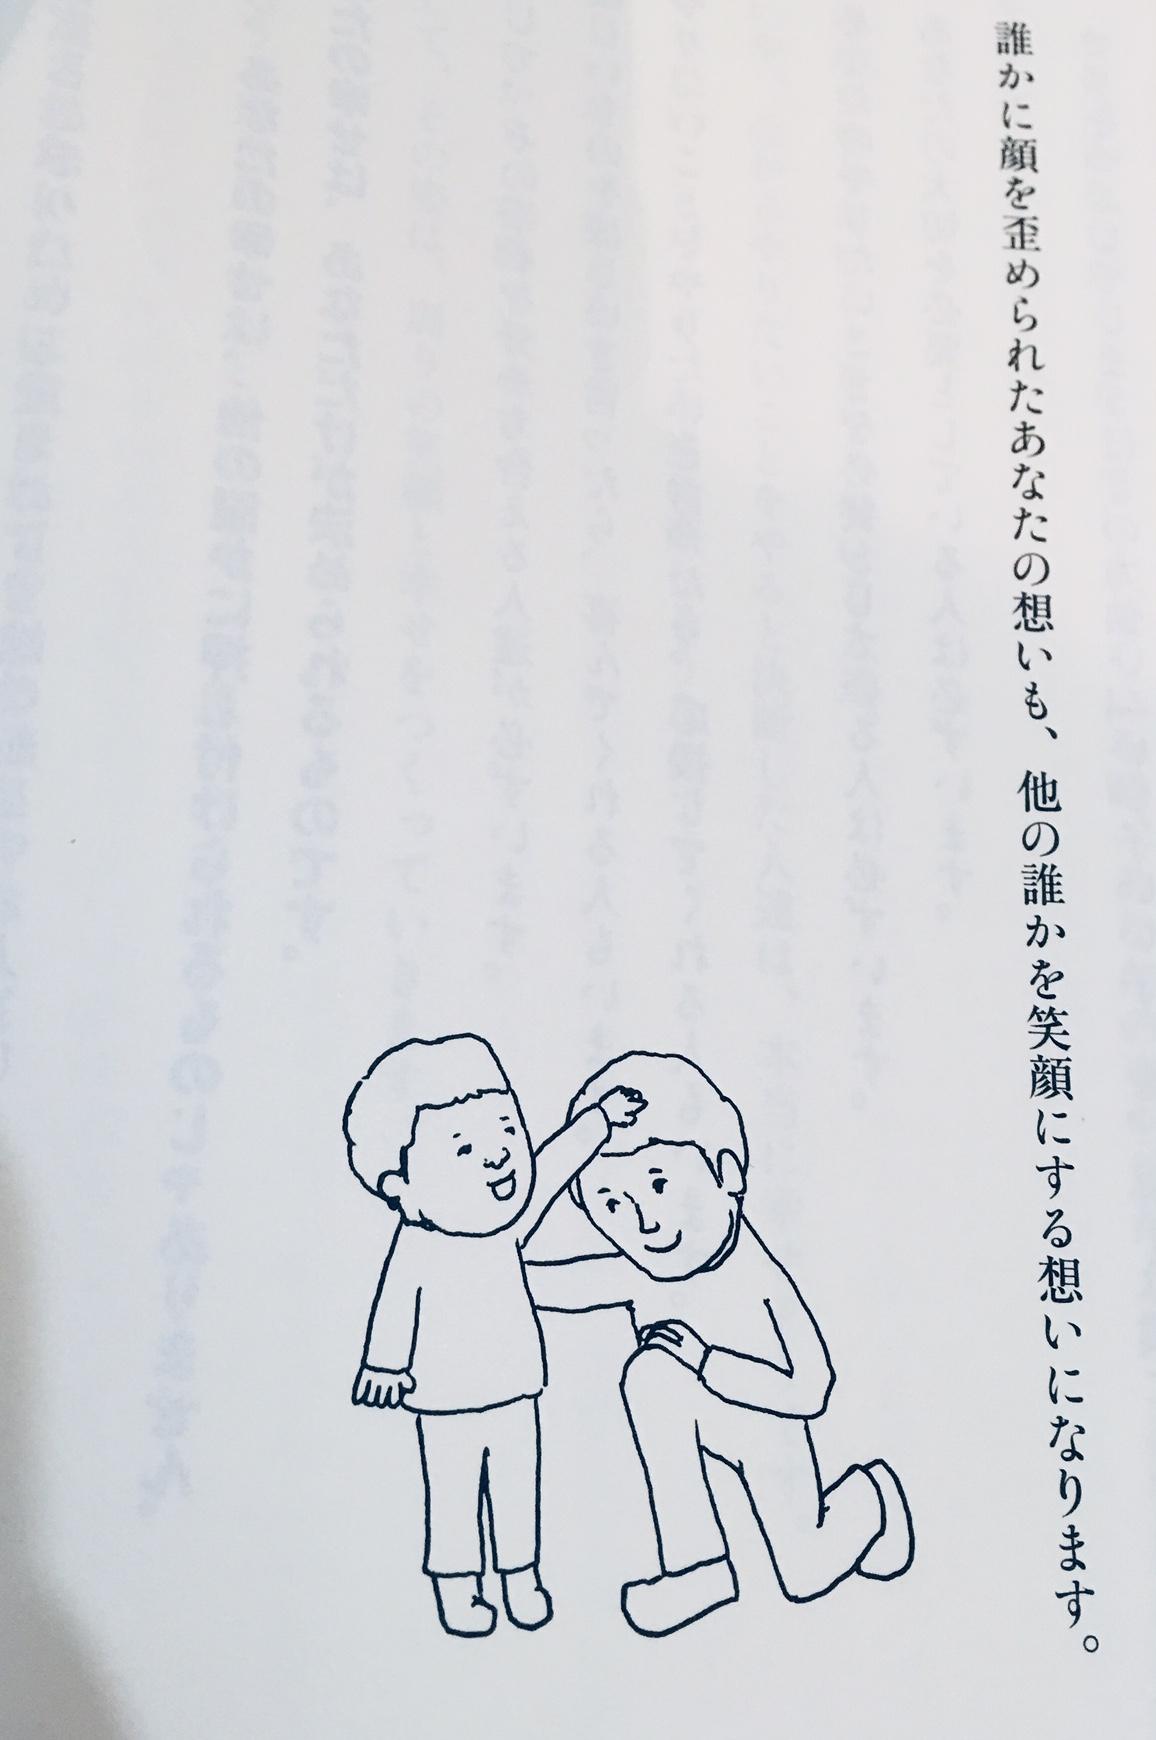 起業のち晴れ-起業本、ビジネス書